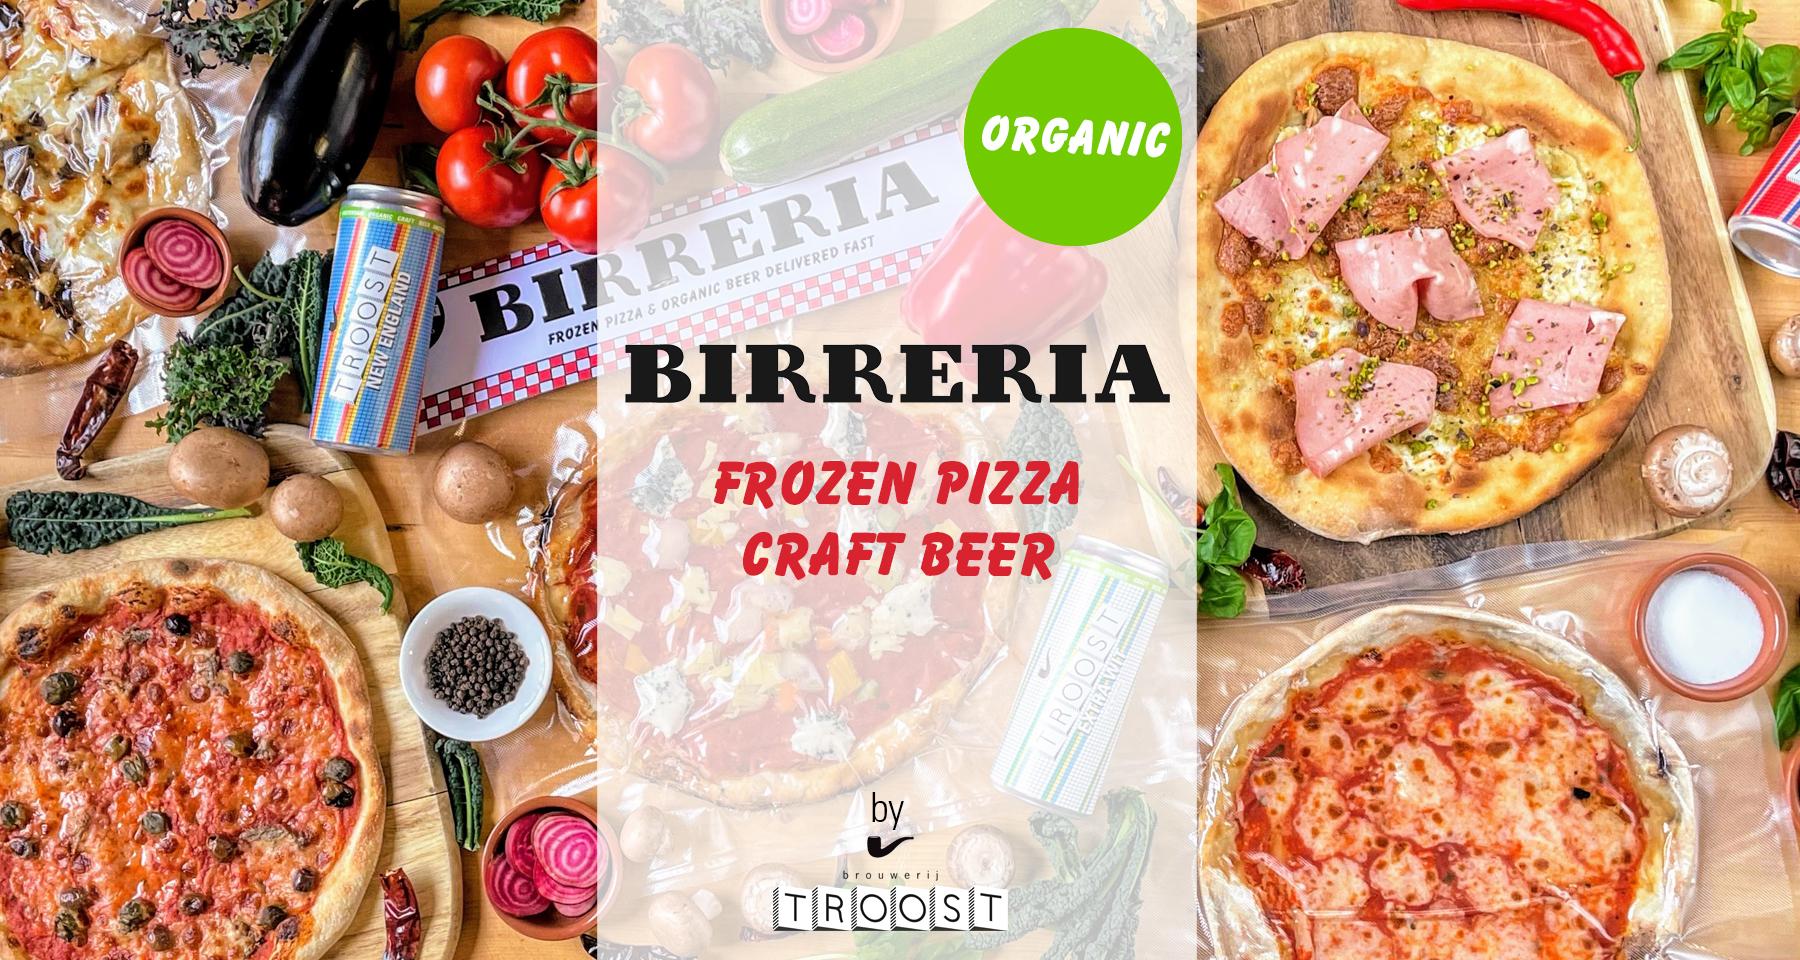 BIrreria frozen pizza craft beer